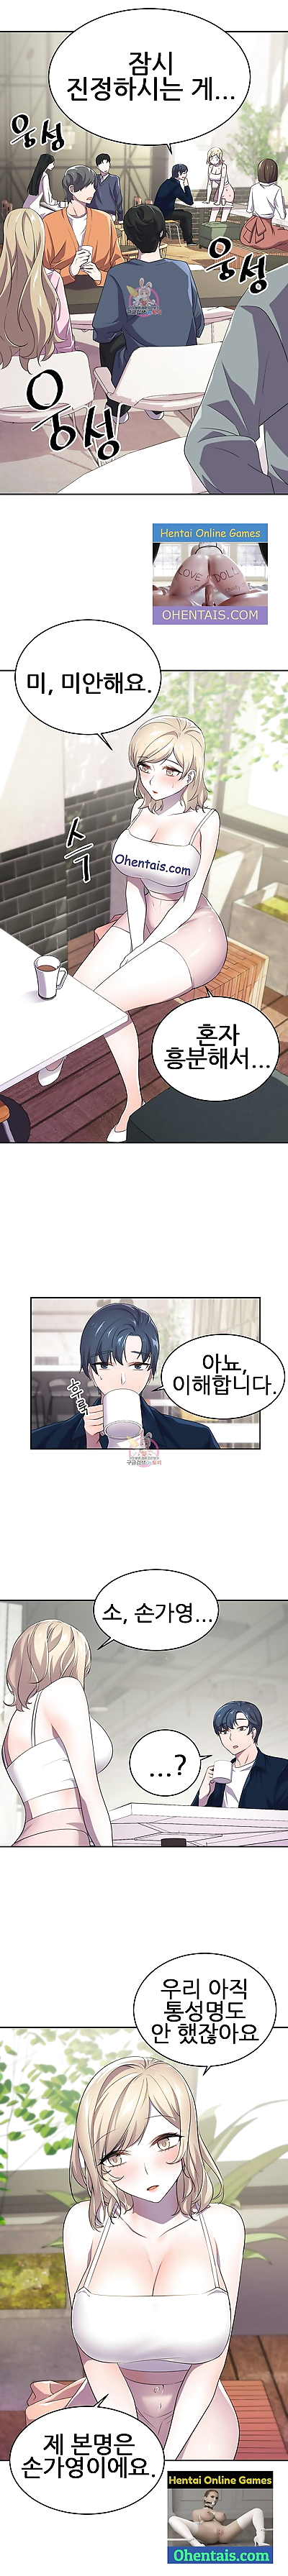 히어로 매니저 - HERO MANAGER Ch. 4-6 Korean